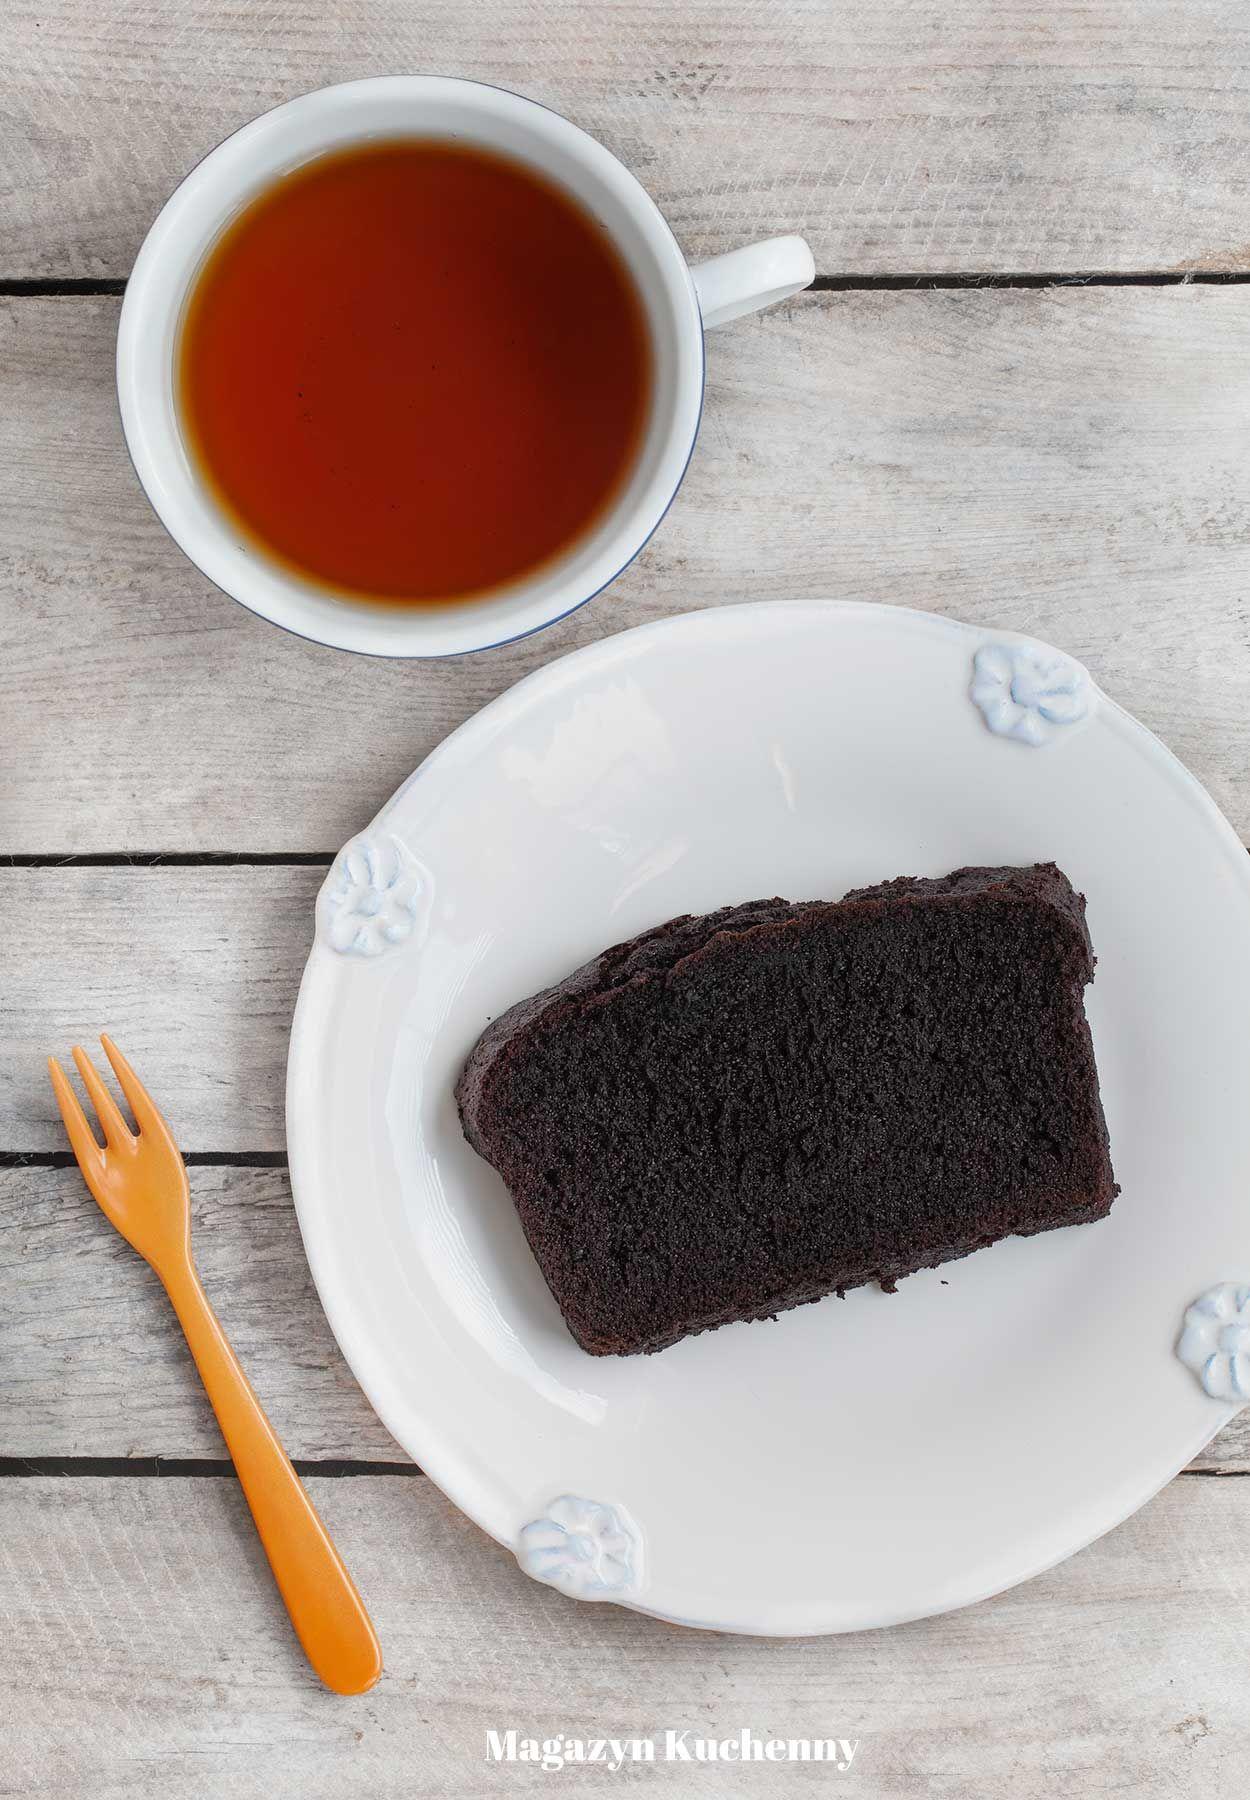 Cudownie puszyste i wilgotne ciasto czekoladowe z kakao